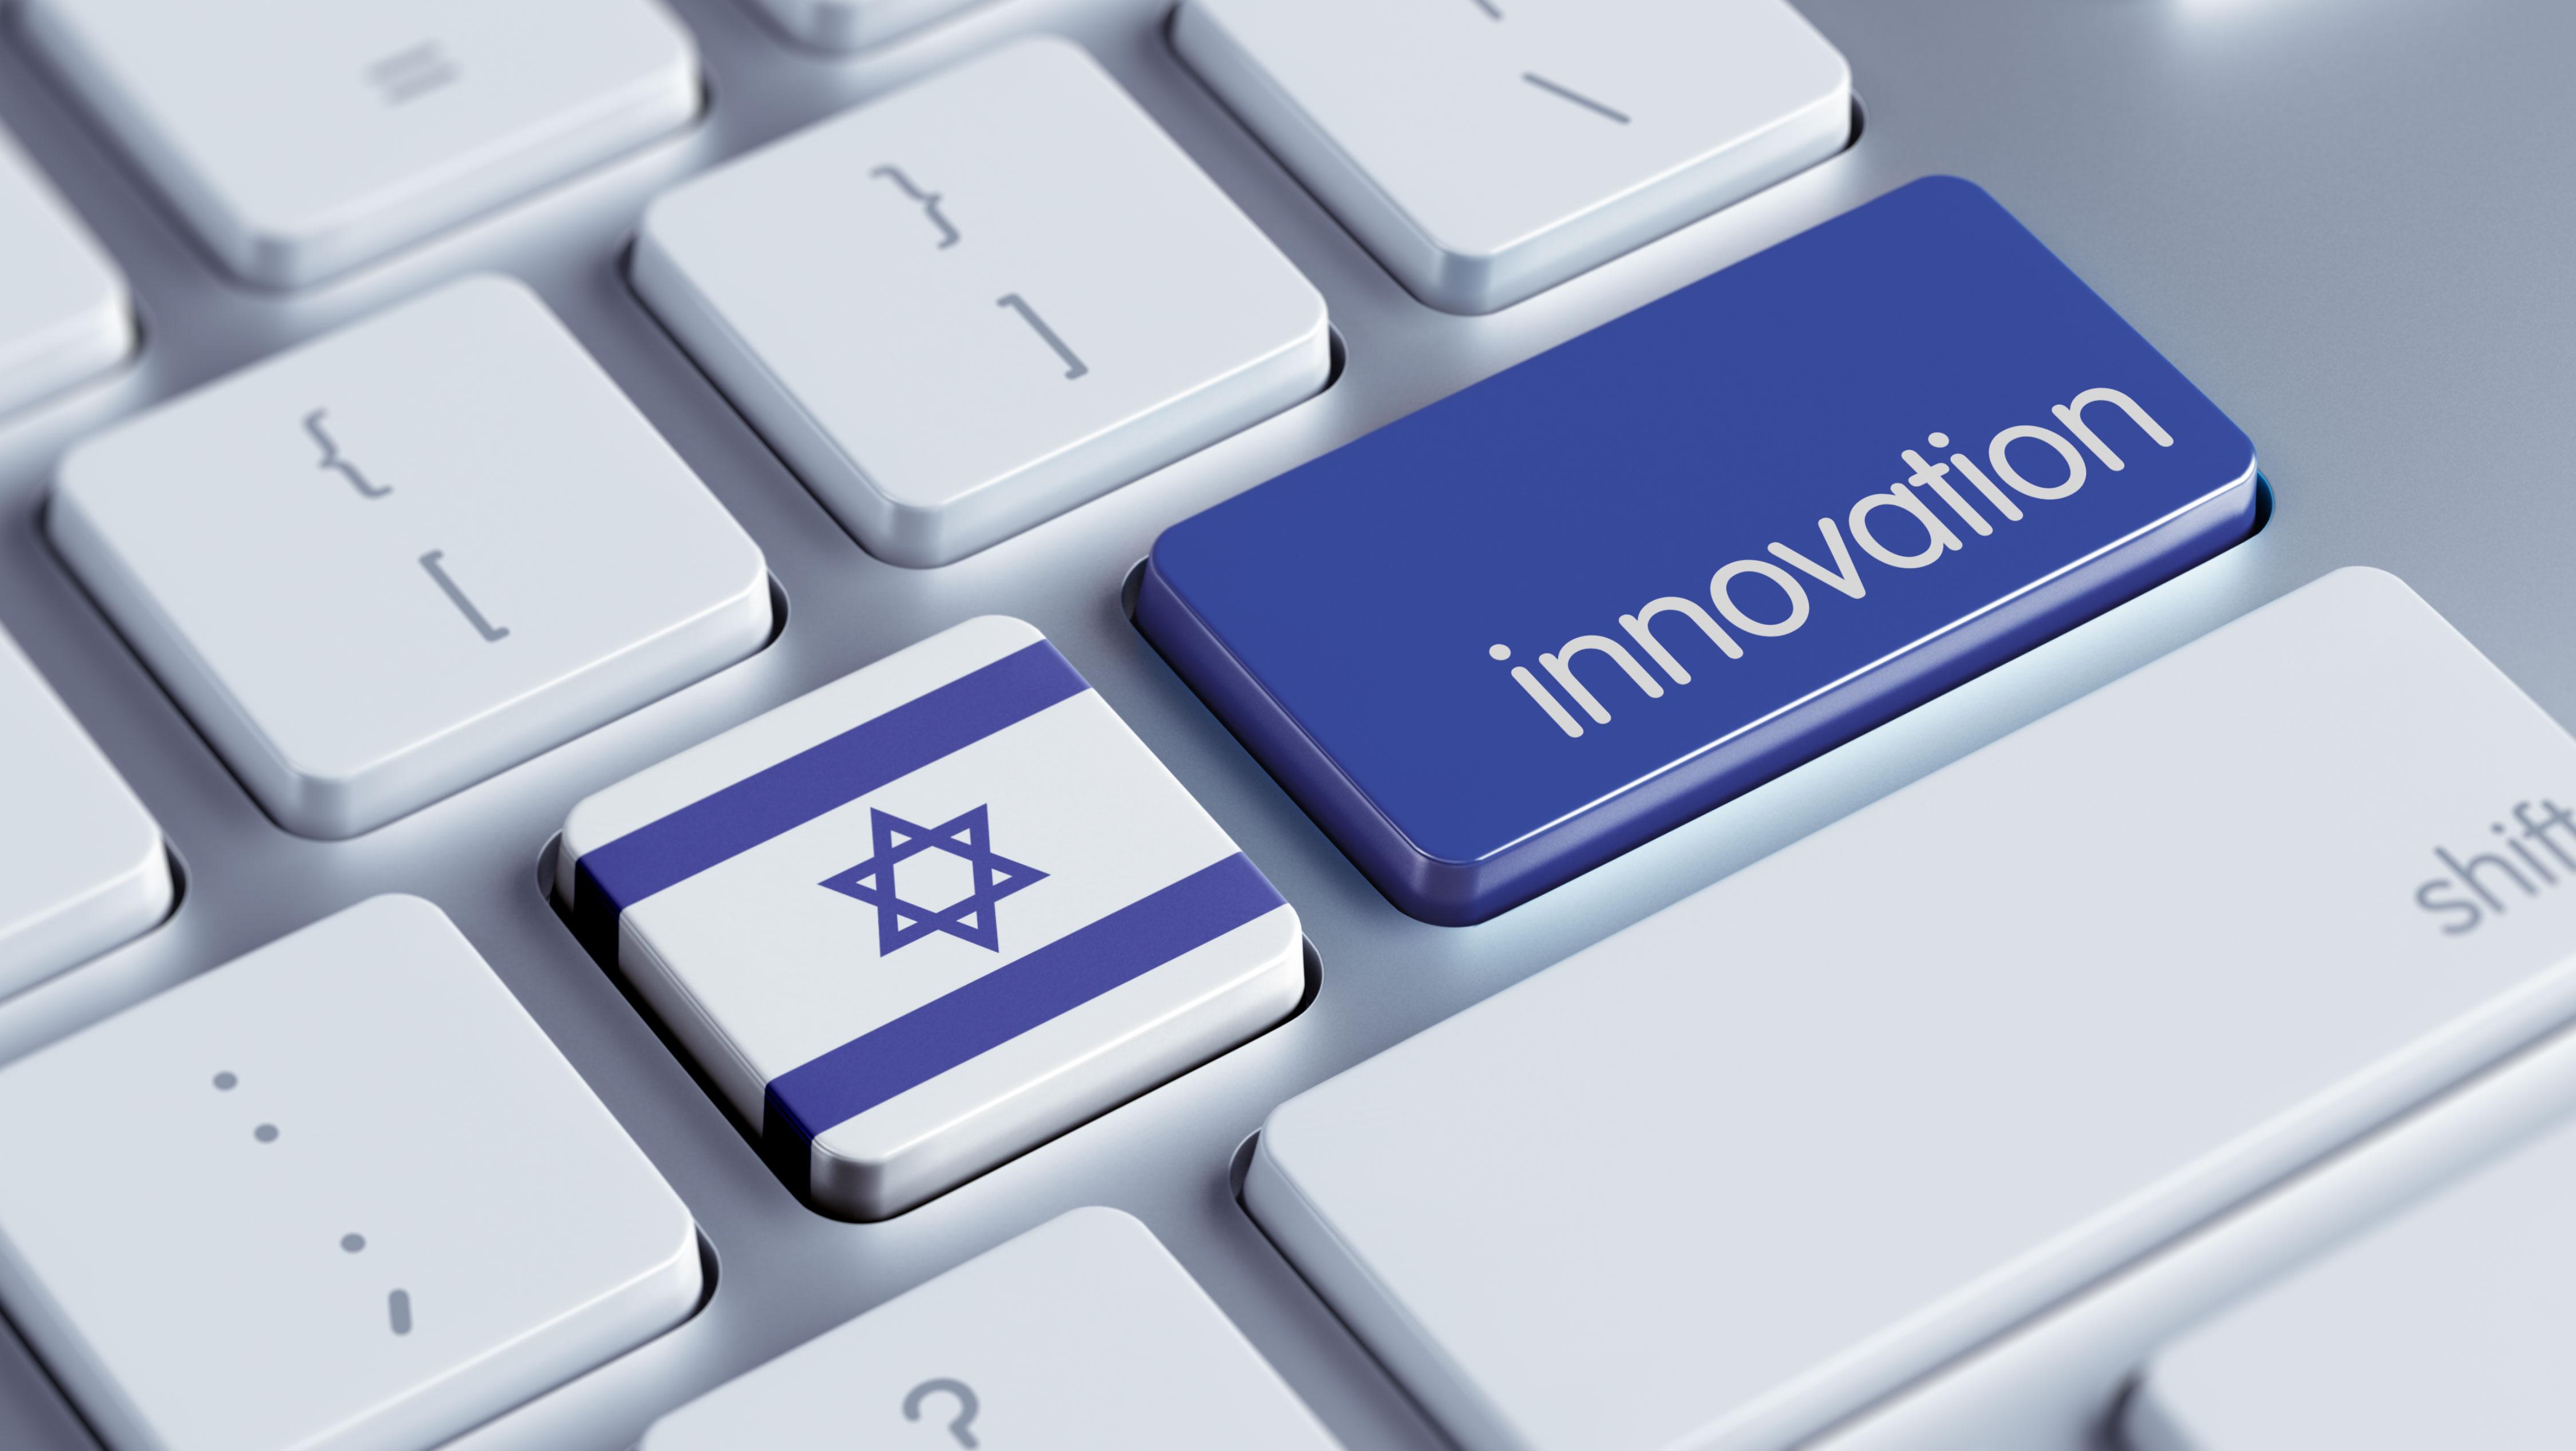 """Israel hat es geschafft, aus Herausforderungen in Chancen zu verwandeln. Heute gilt das kleine Land als """"Startup Nation""""."""